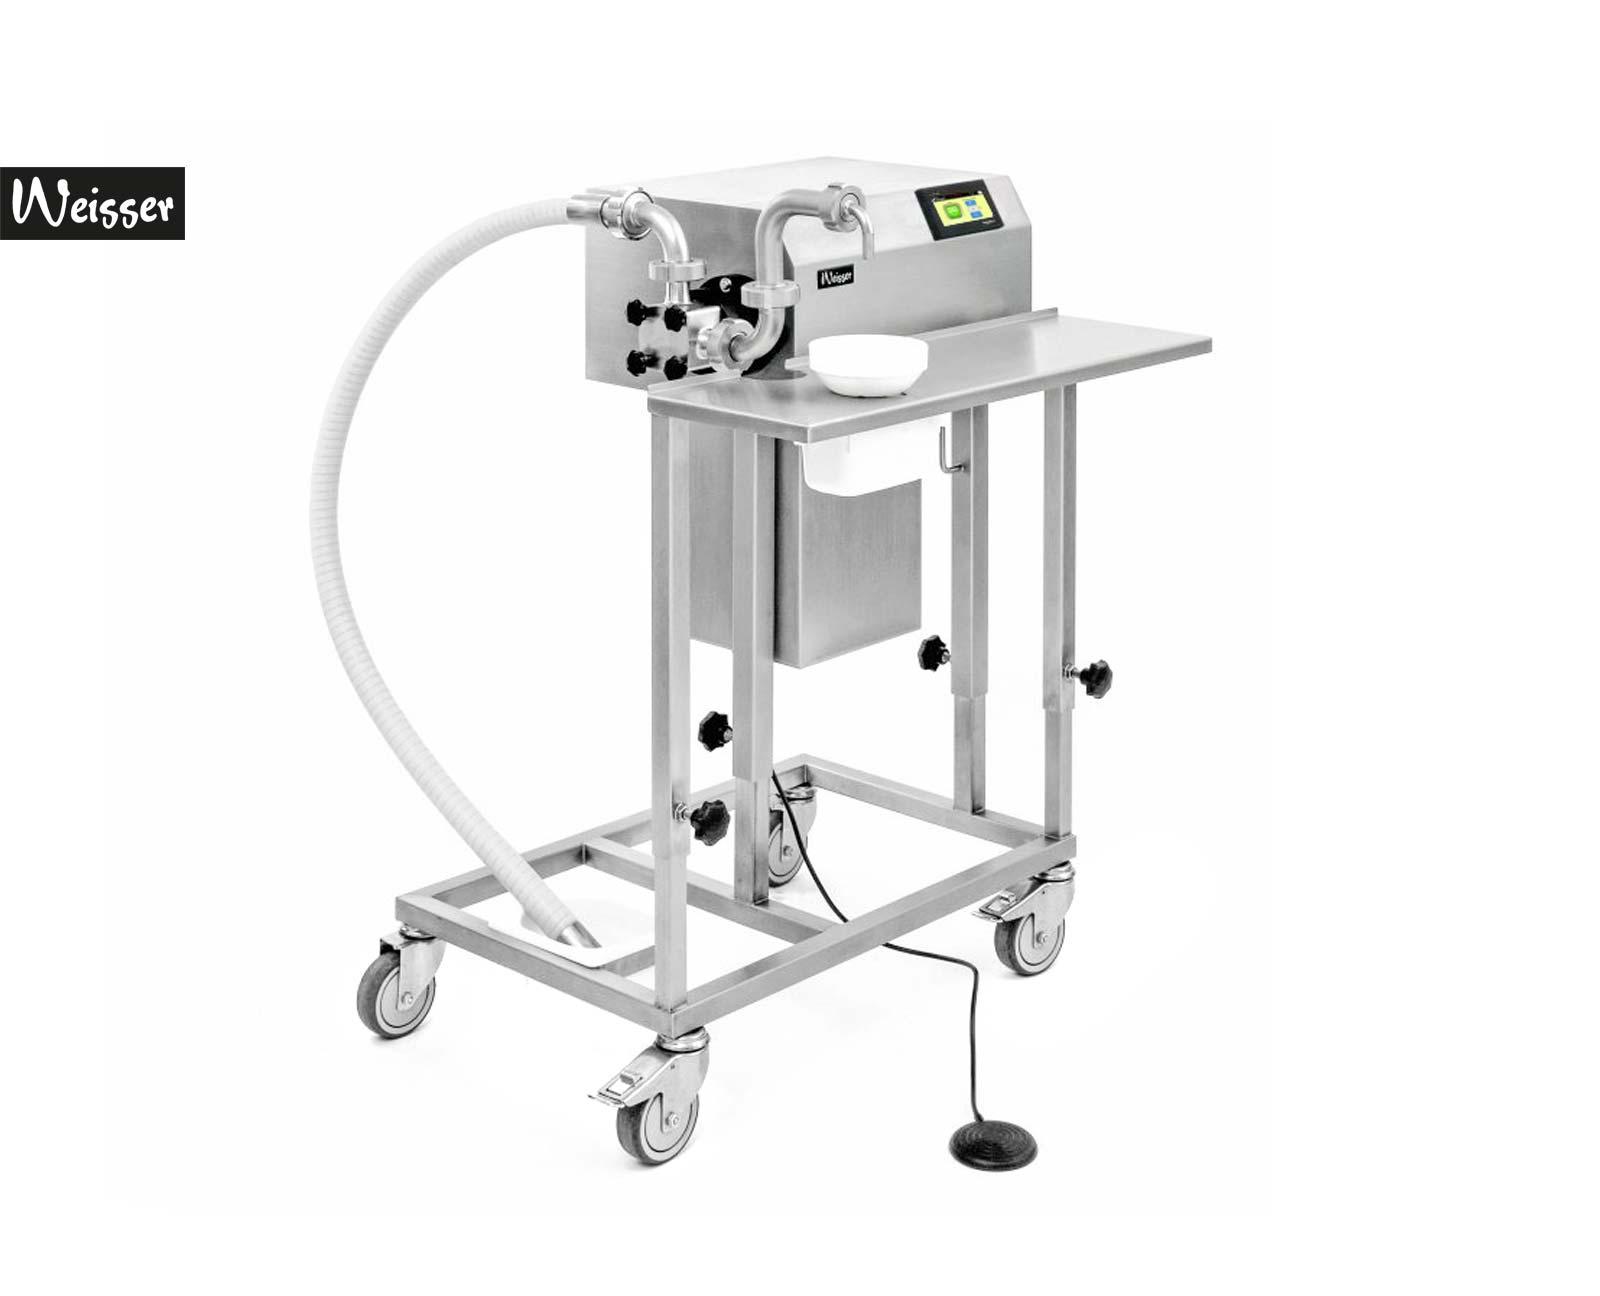 Weisser AP Abfüllmaschine & Portioniermaschine für fließfähige Produkte